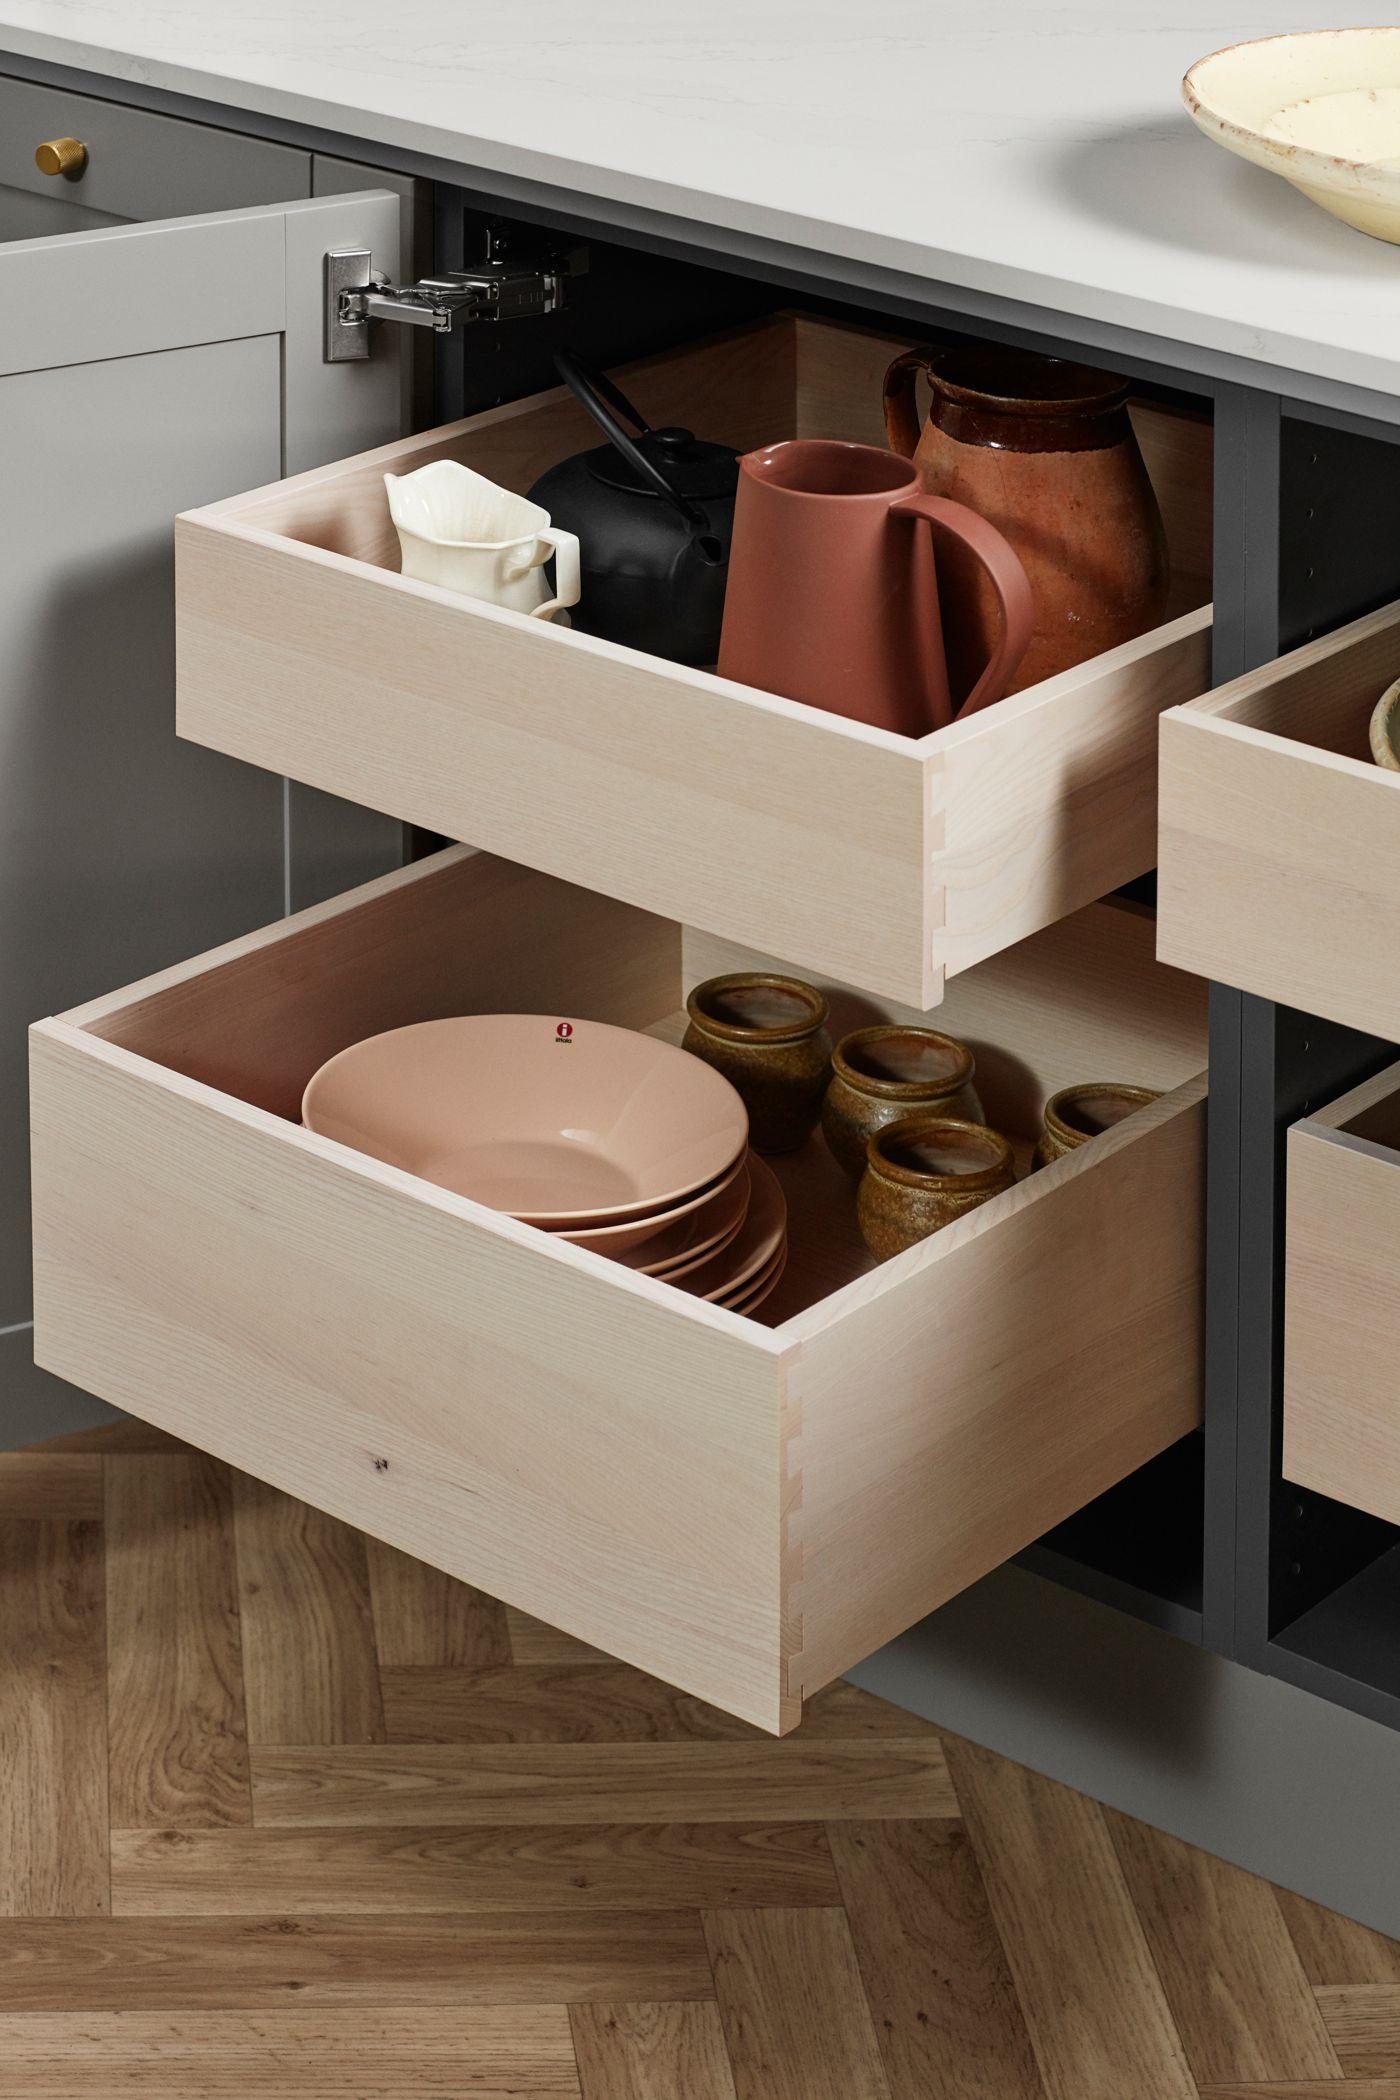 EPOQ_Inside_drawer_ask_01628.jpg